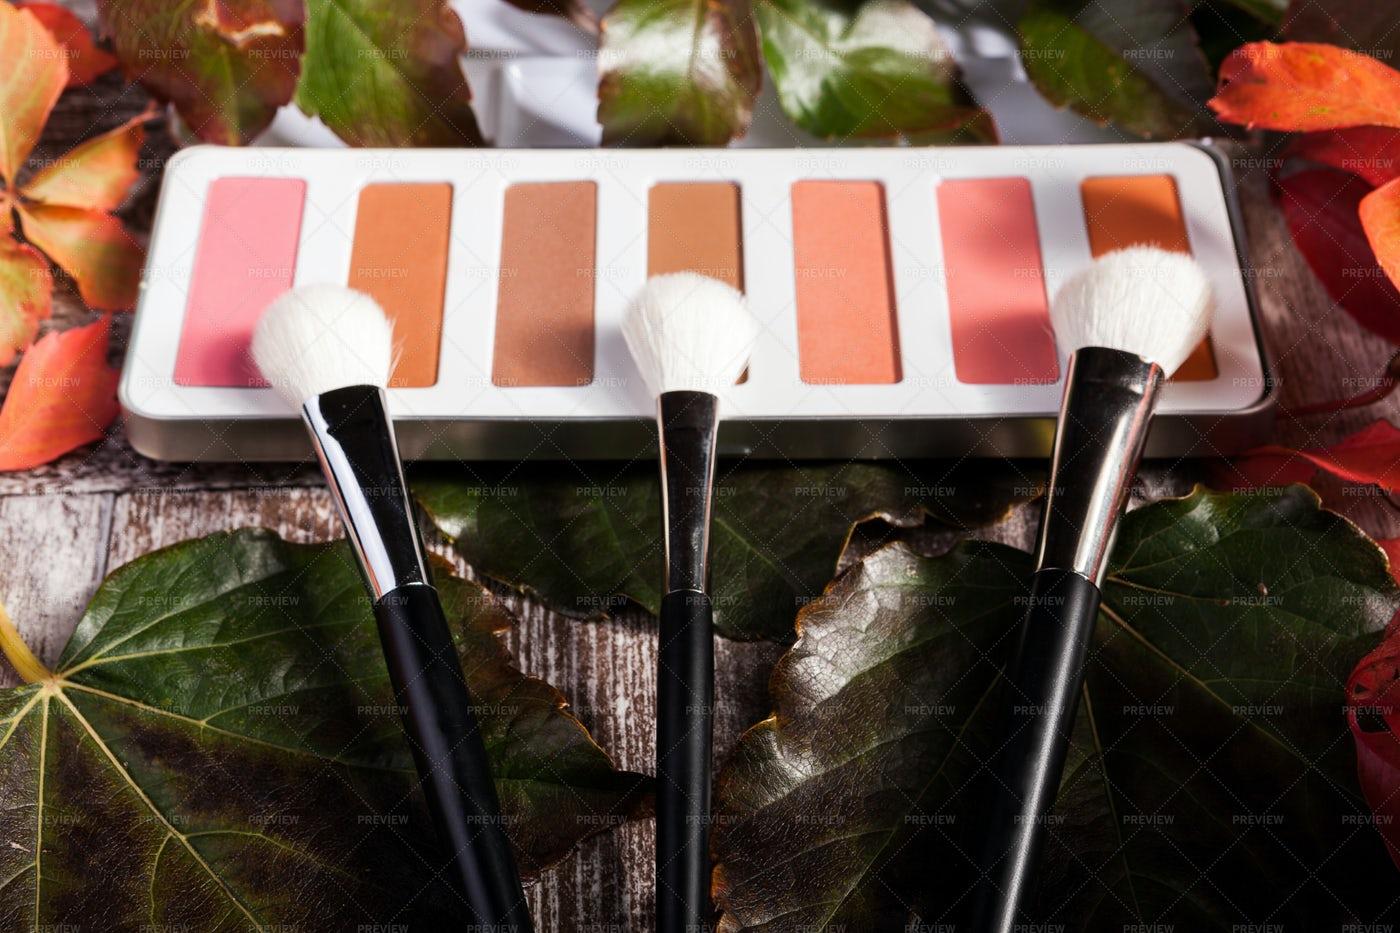 Eyeshadow Palette On Autumn Background: Stock Photos